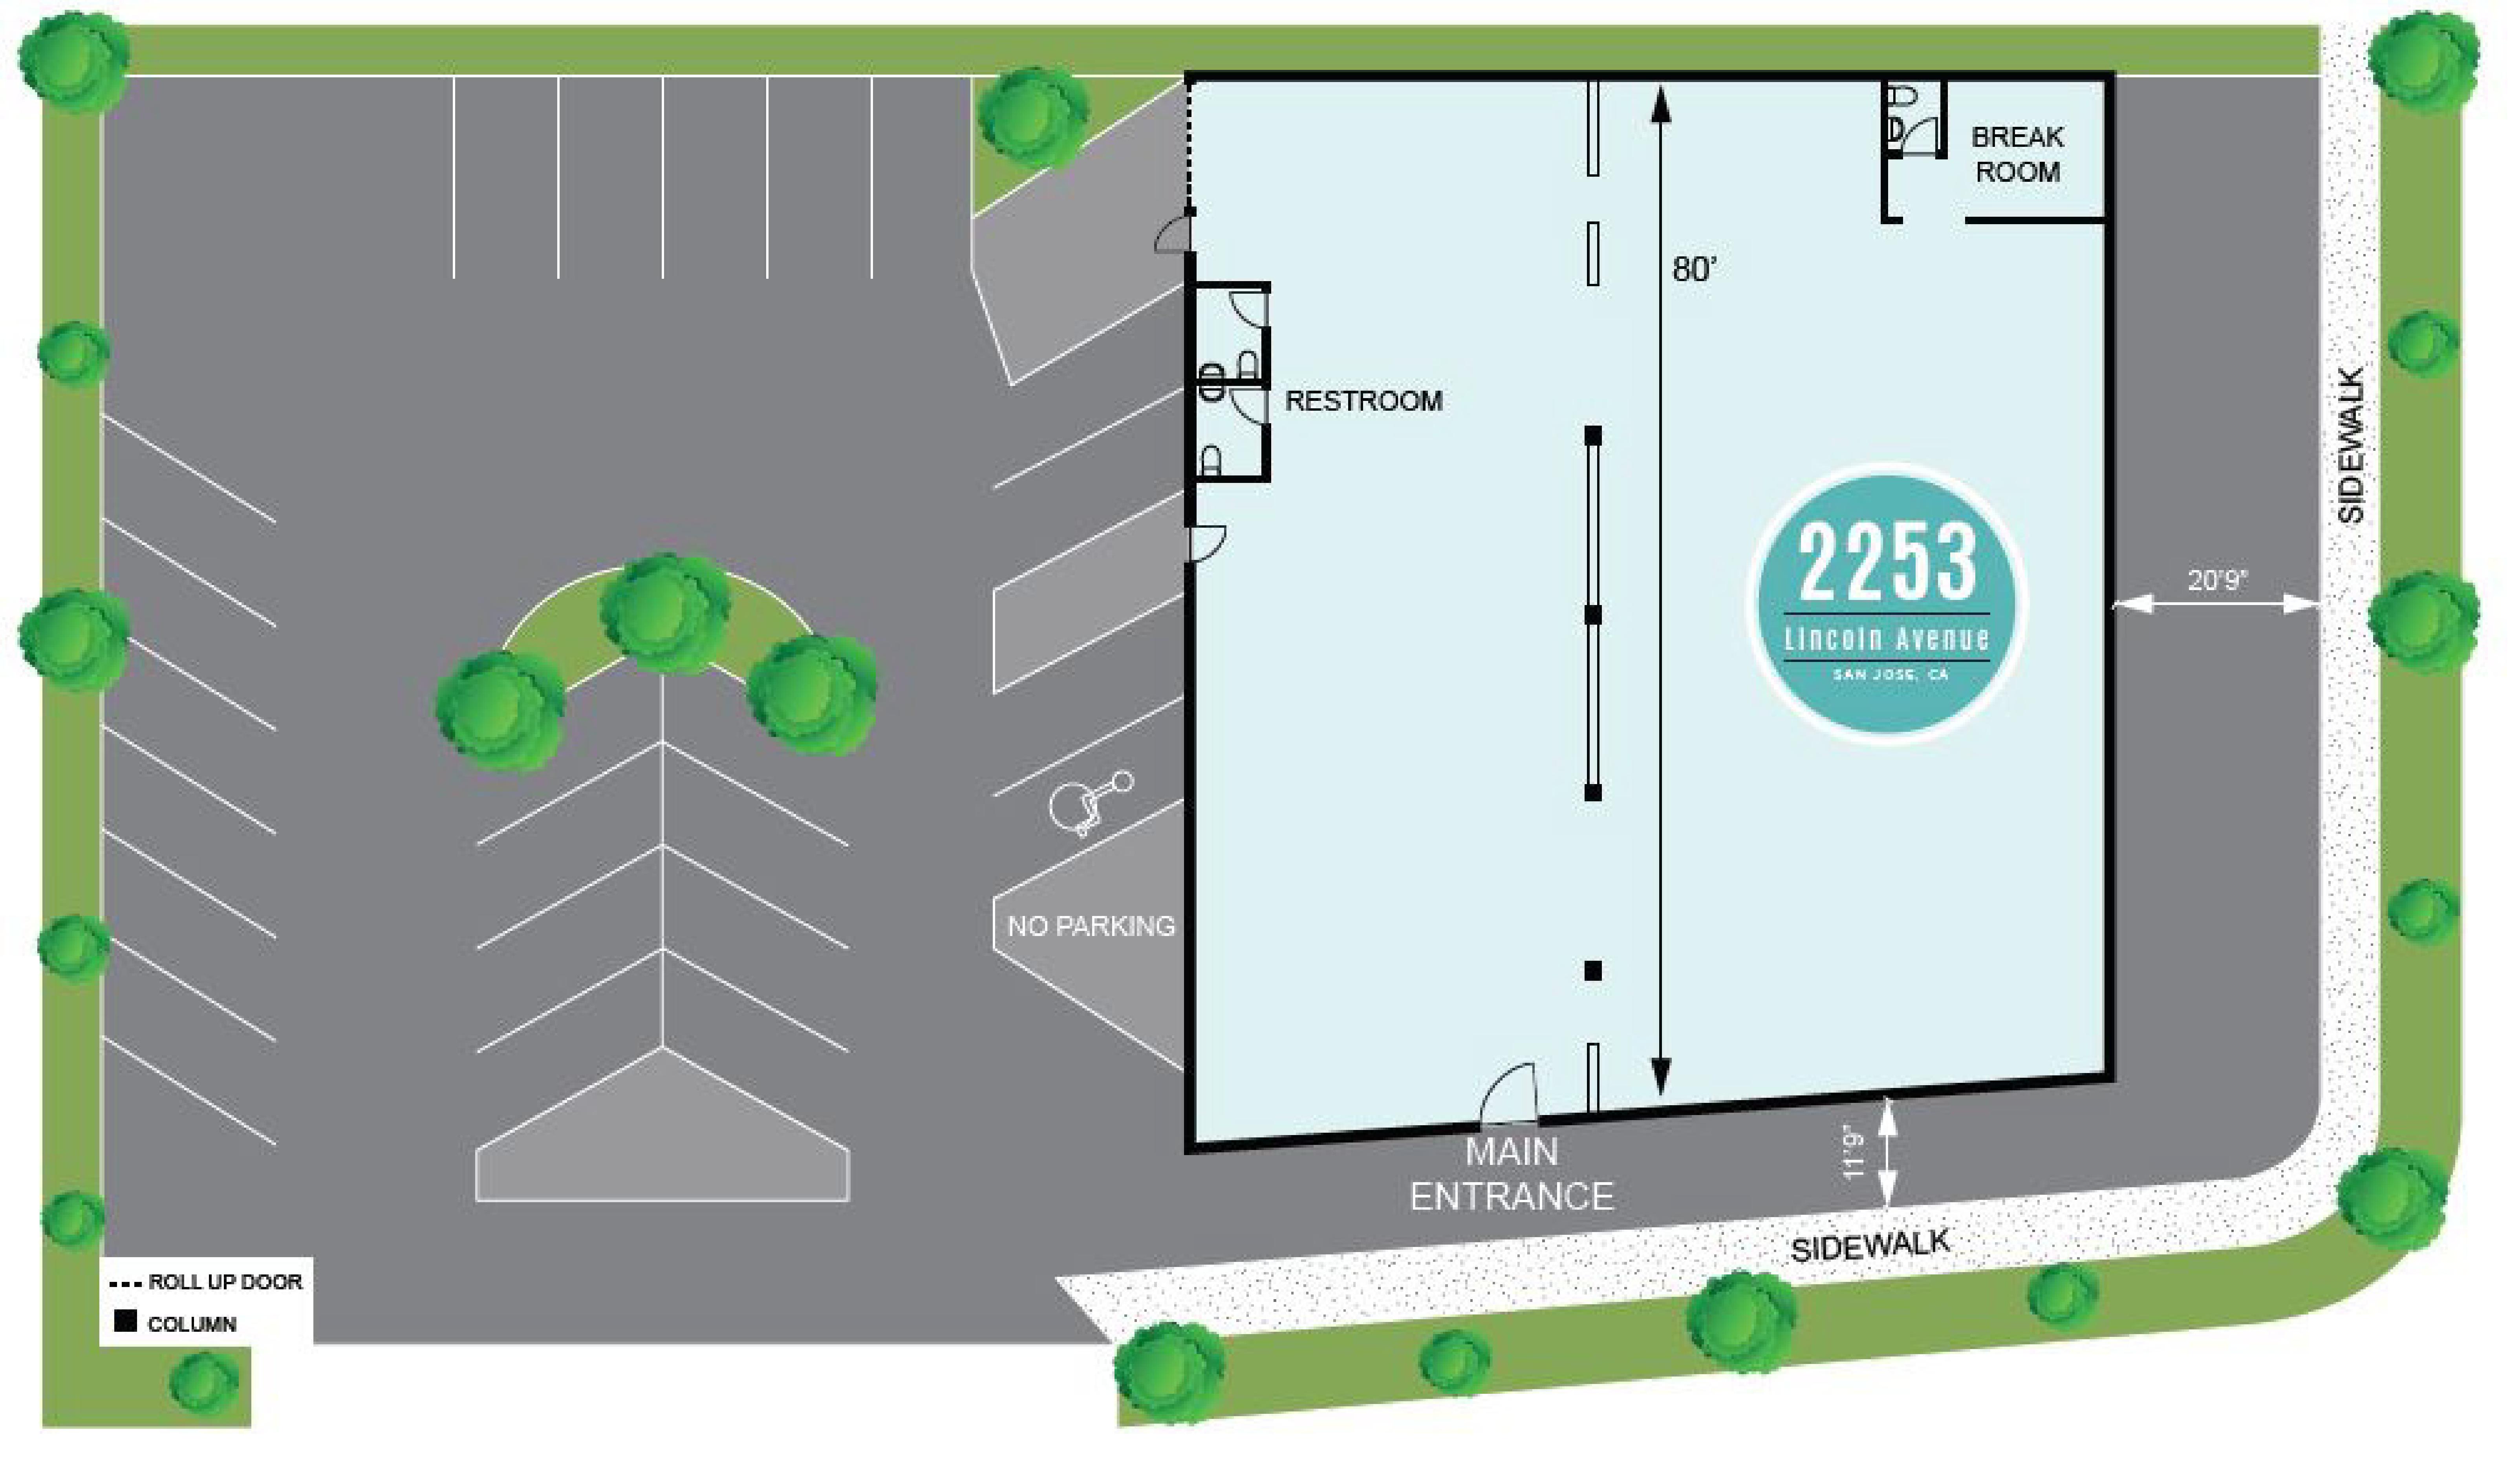 2253 Lincoln Avenue: site plan